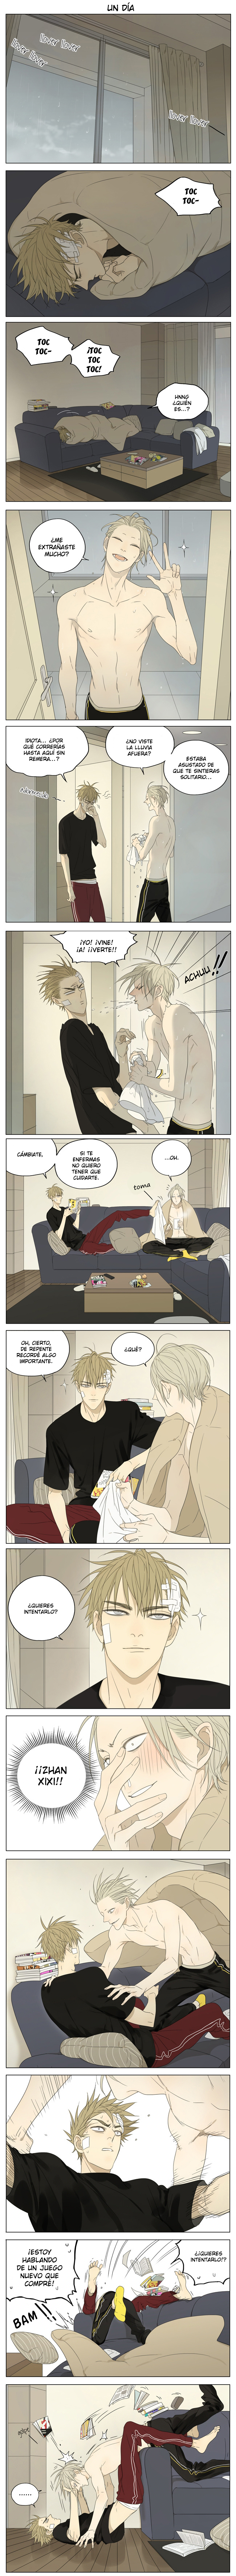 http://c5.ninemanga.com/es_manga/7/15943/430532/3326709b2f707336dfdb58e0b1aa8b6a.jpg Page 10